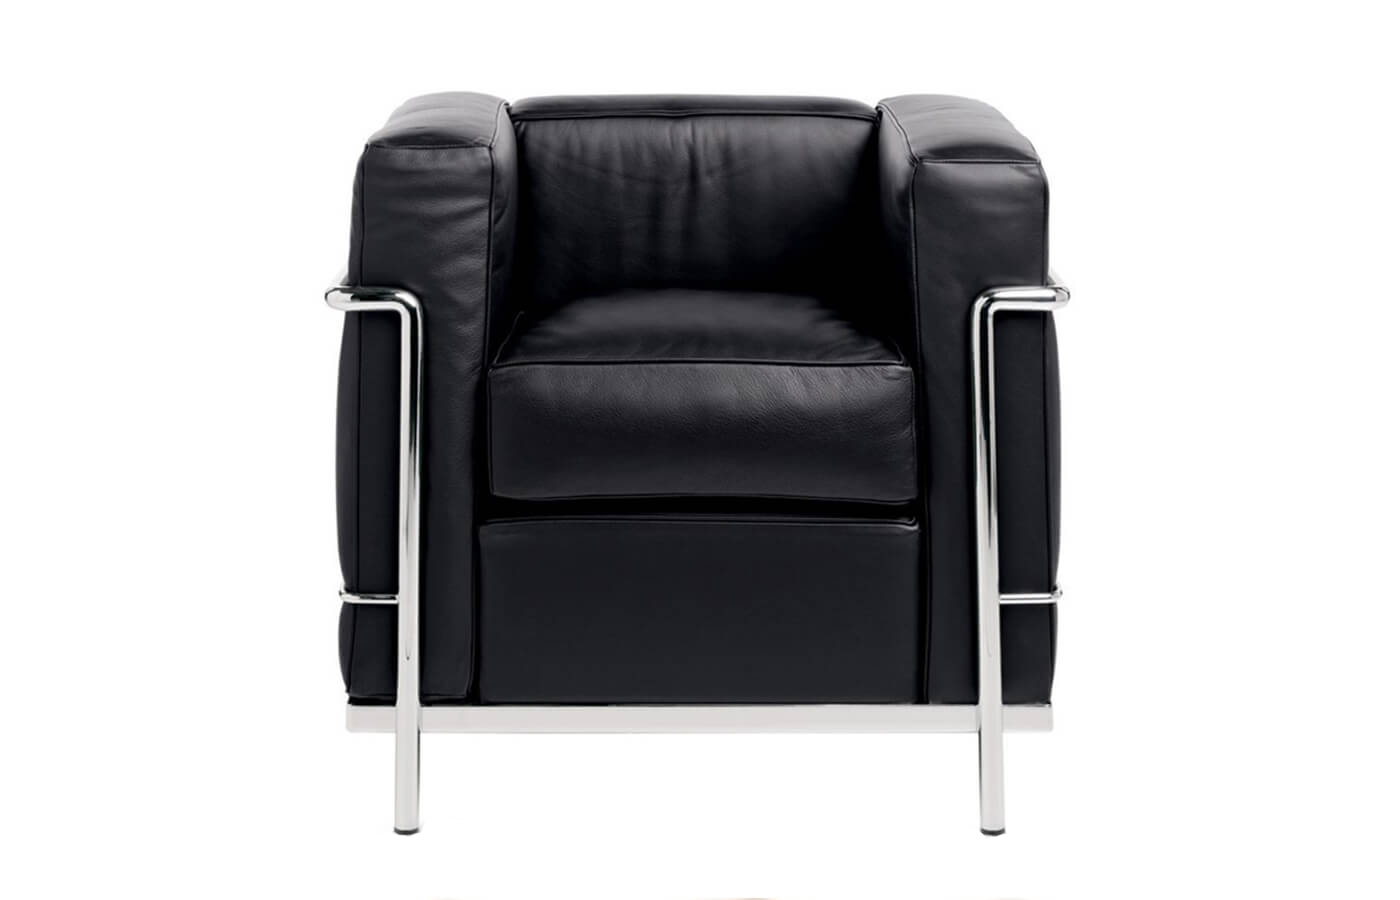 Sedie di design il biglietto da visita dell 39 architetto - Le corbusier sedia ...